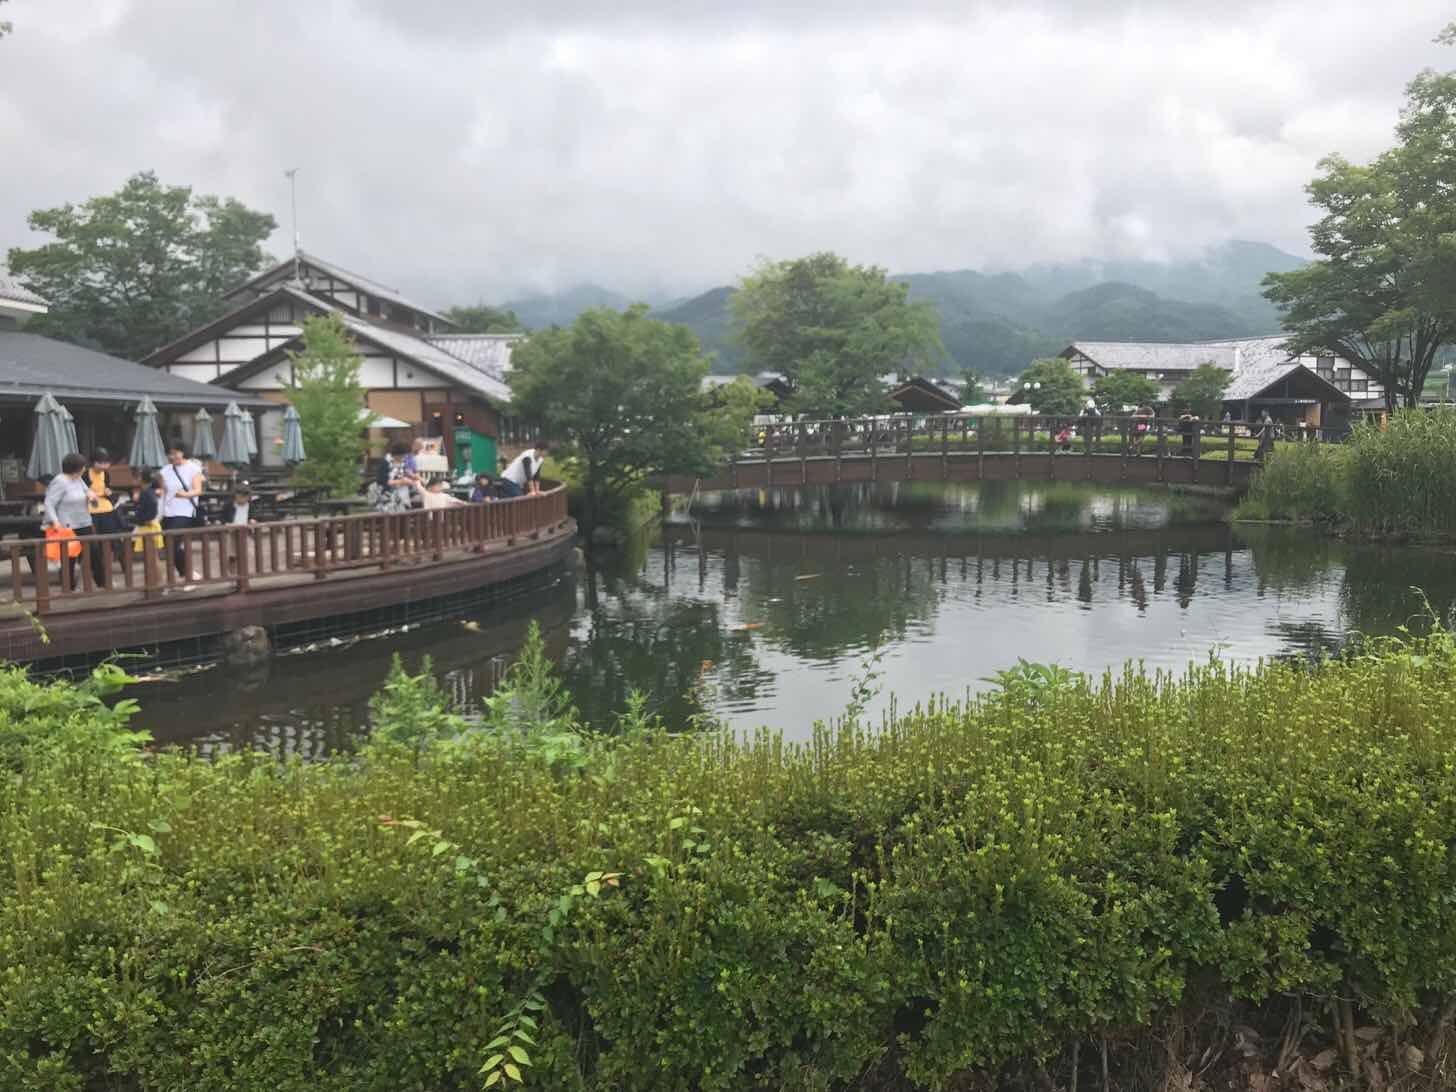 川場田園プラザ-アクティビティ-池